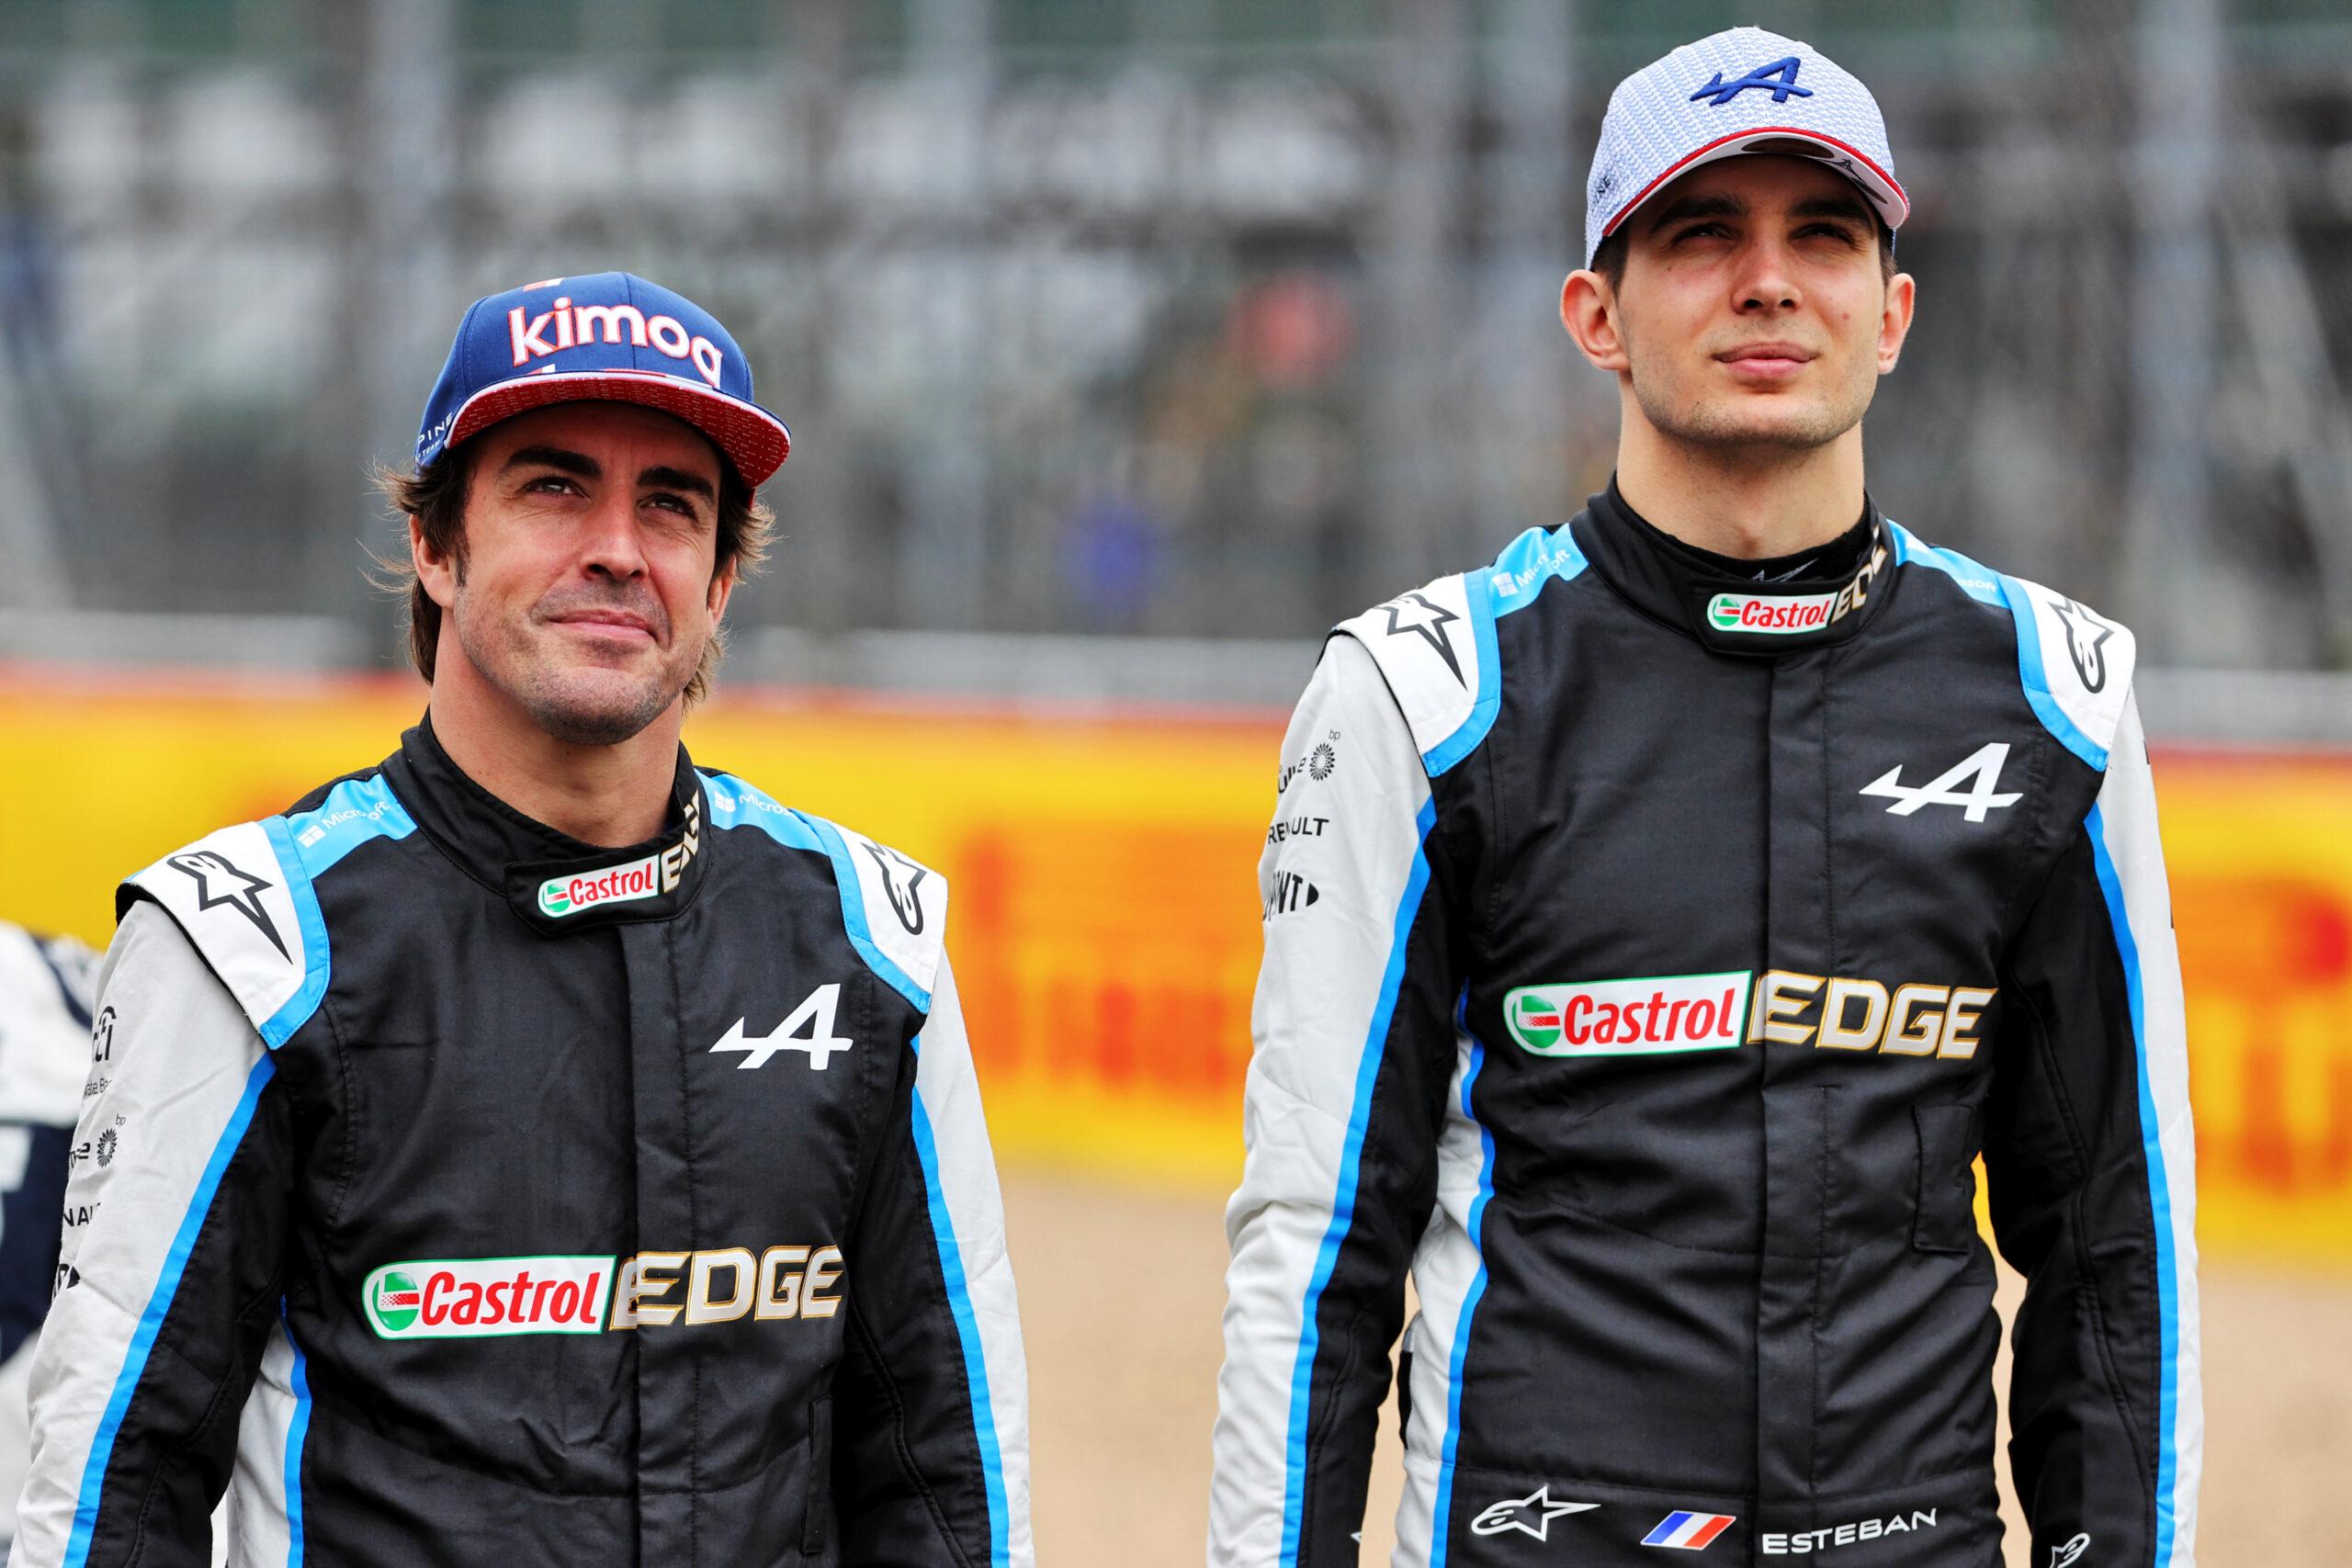 """F1 - Alpine F1 estime avoir le duo de pilotes """"le plus équilibré"""" de la grille"""